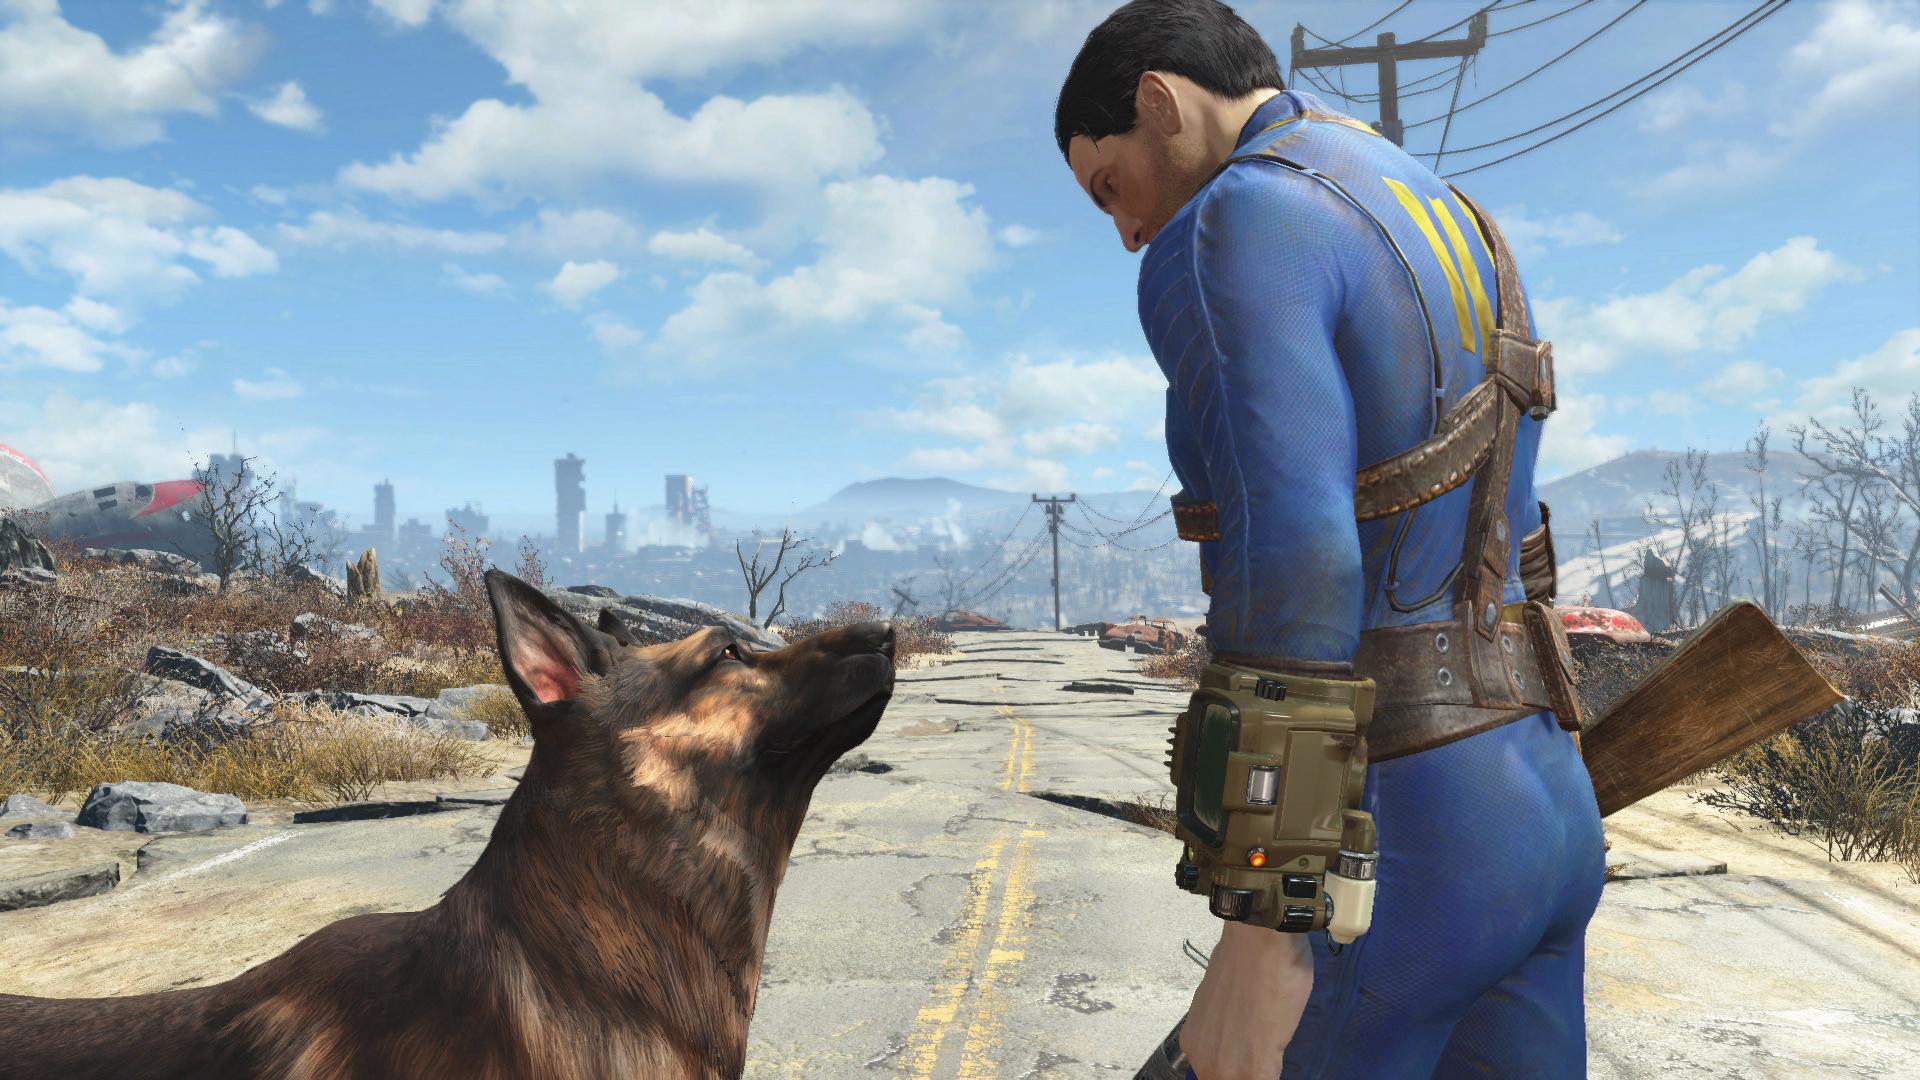 Ke včerejšímu oznámení Falloutu 4 ještě obrázky 109593